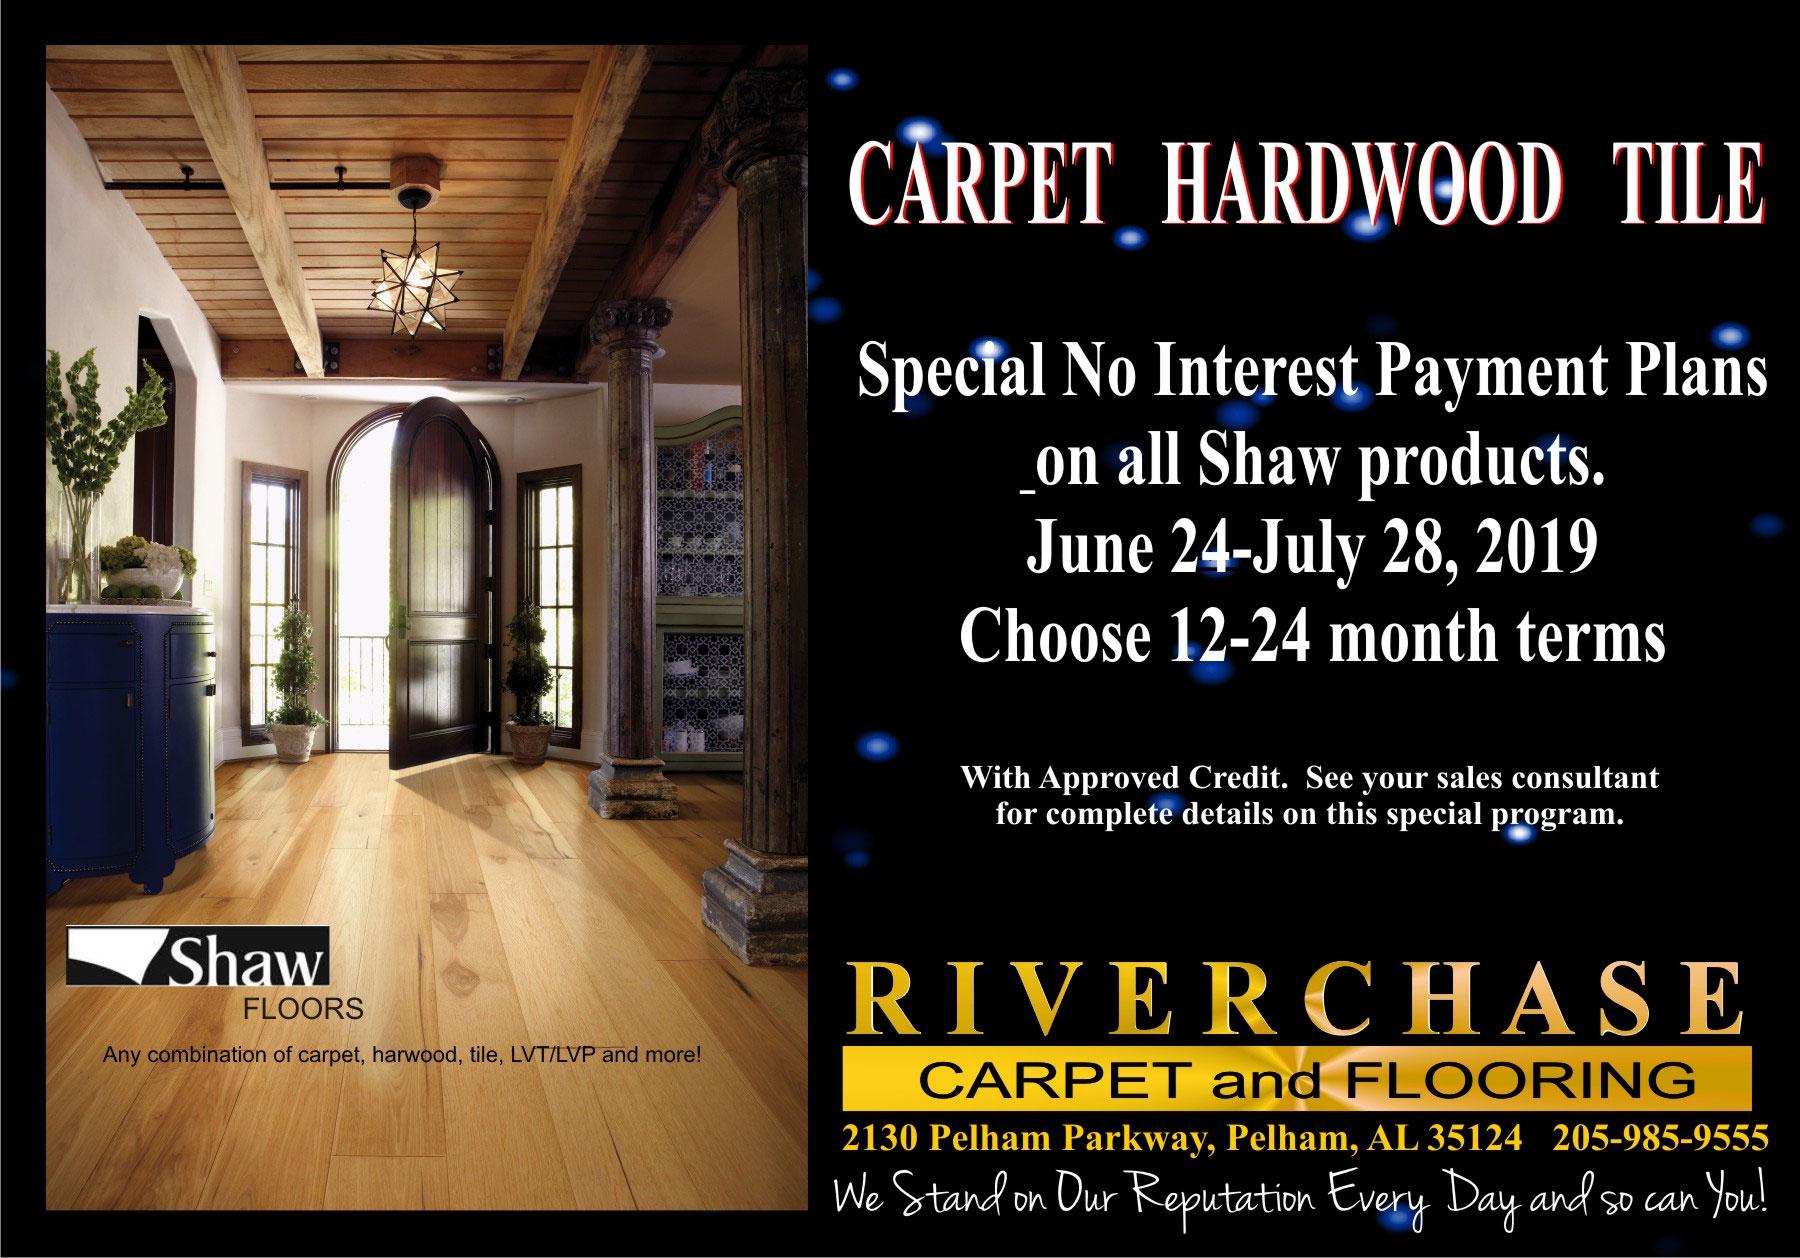 Riverchase Carpet Amp Flooring 205 985 9555